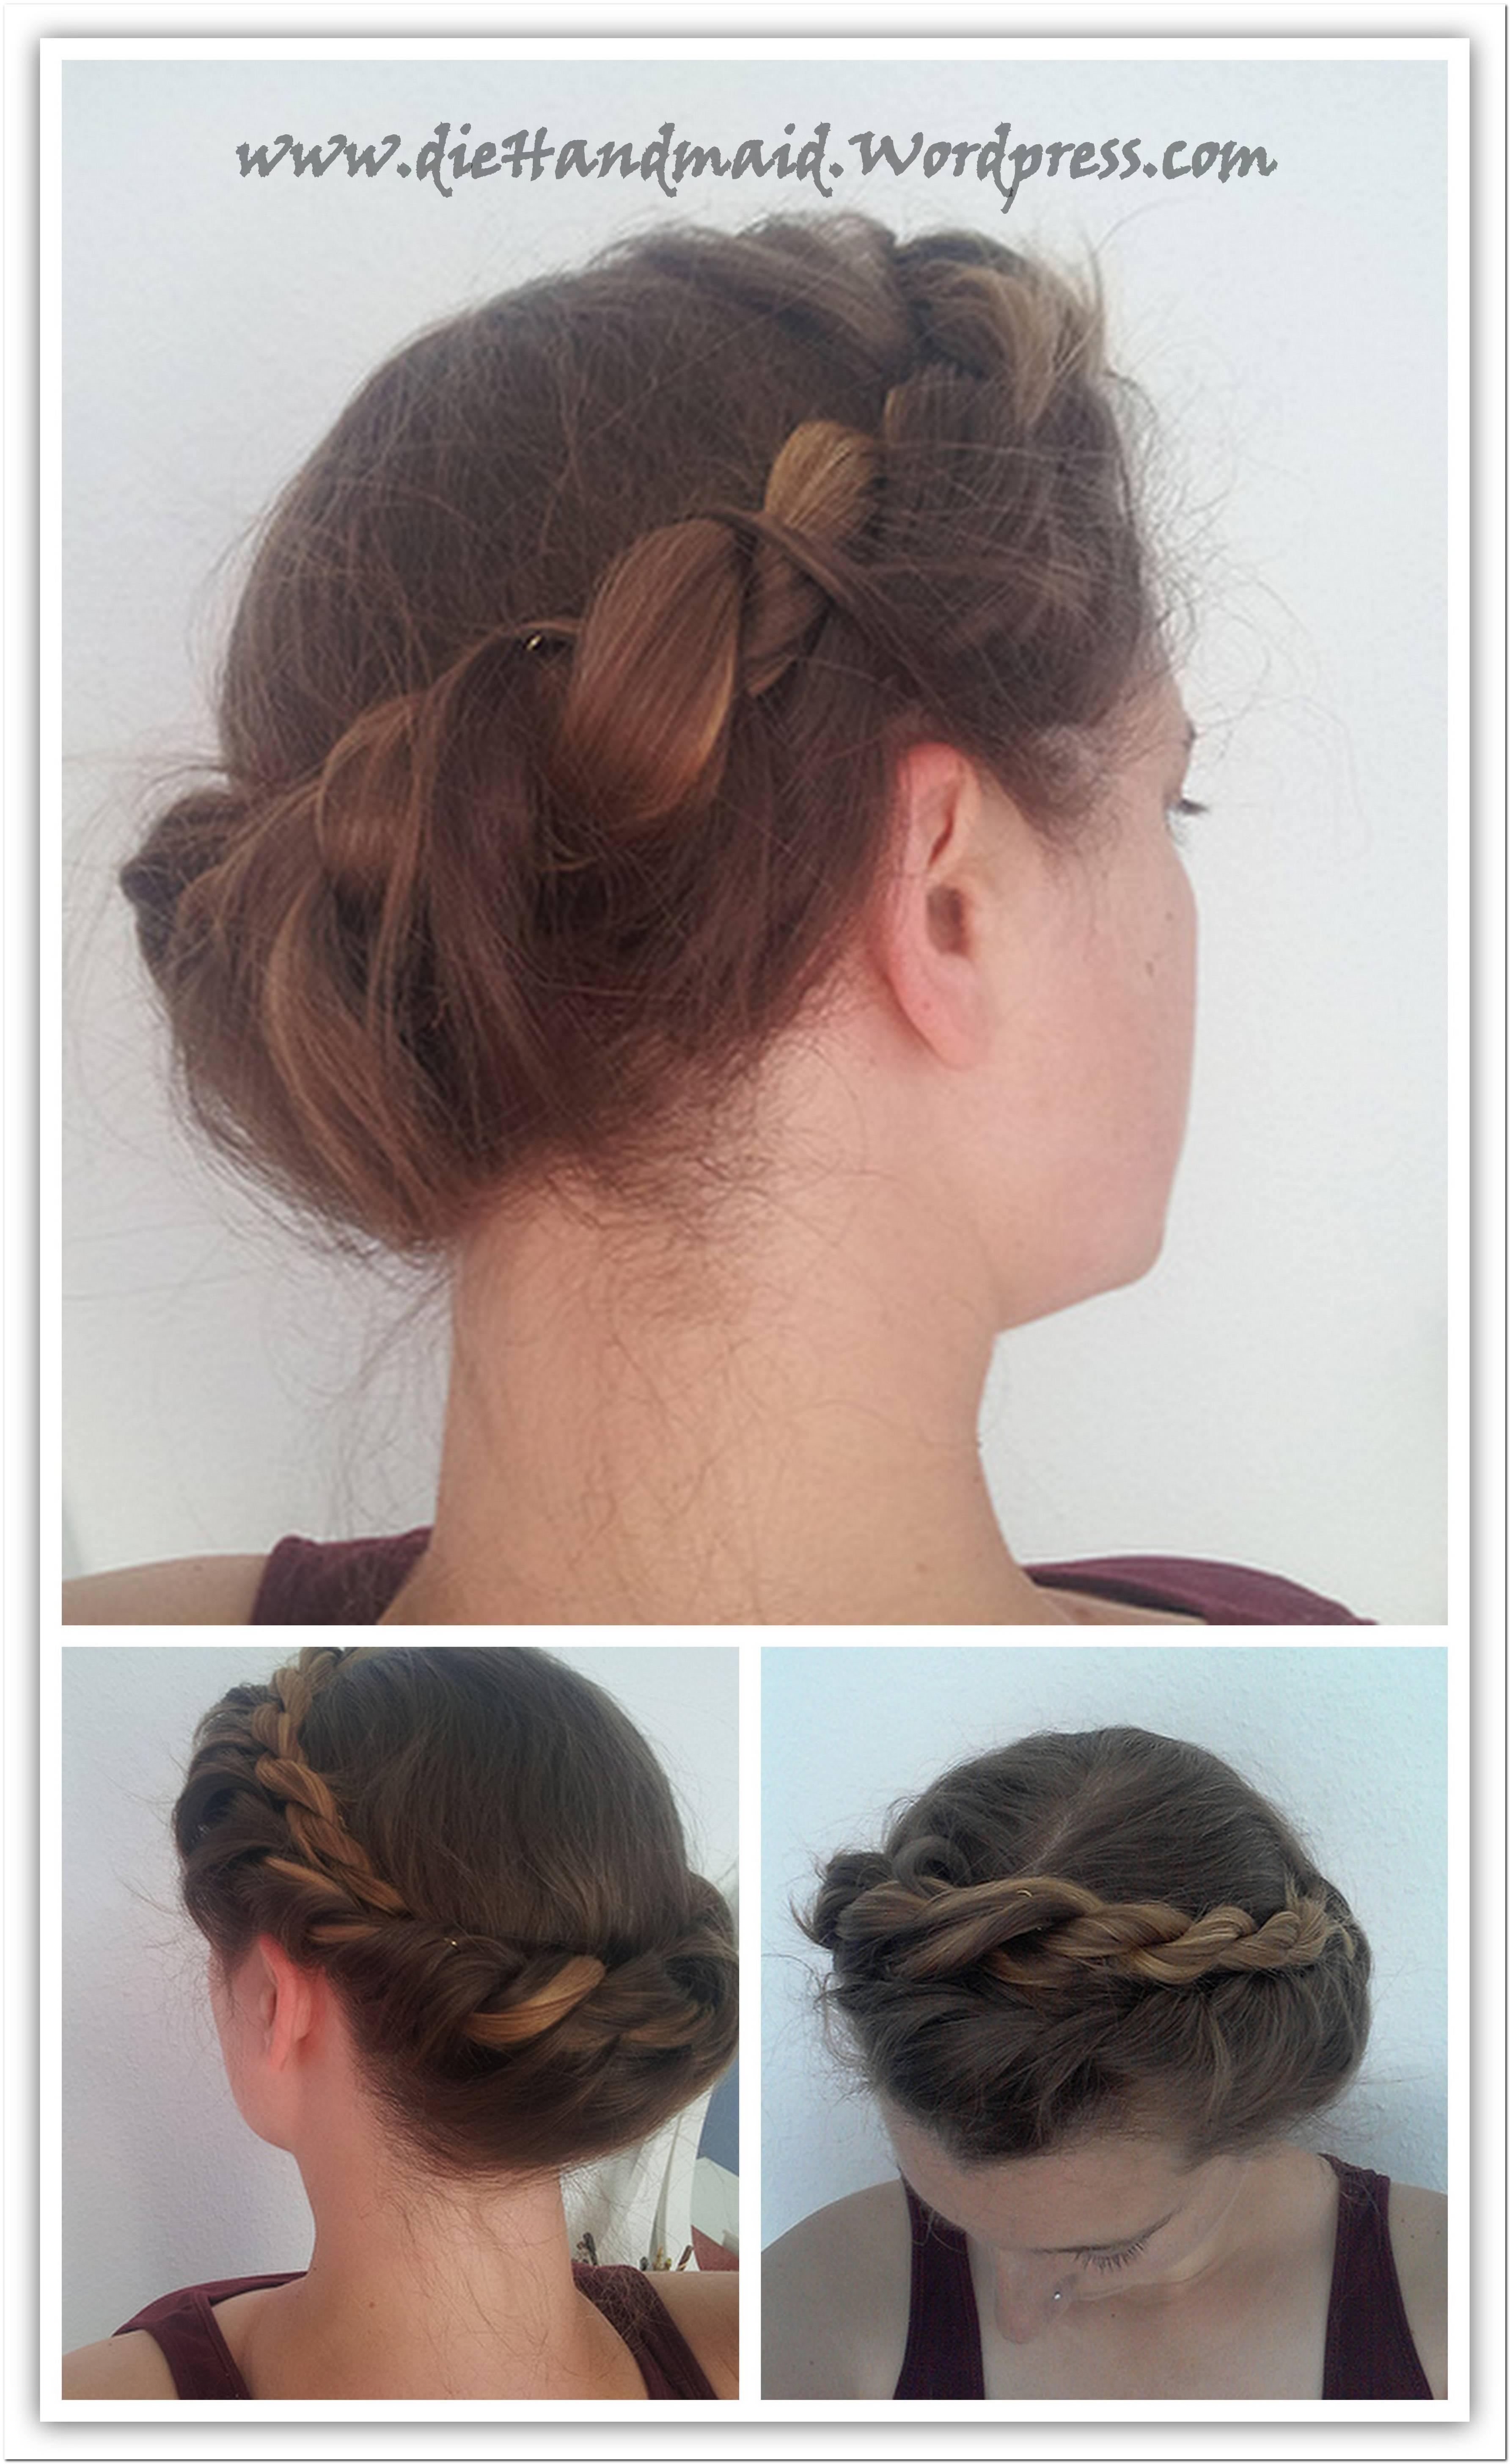 Frisuren Mit GroßEr Krebsspange